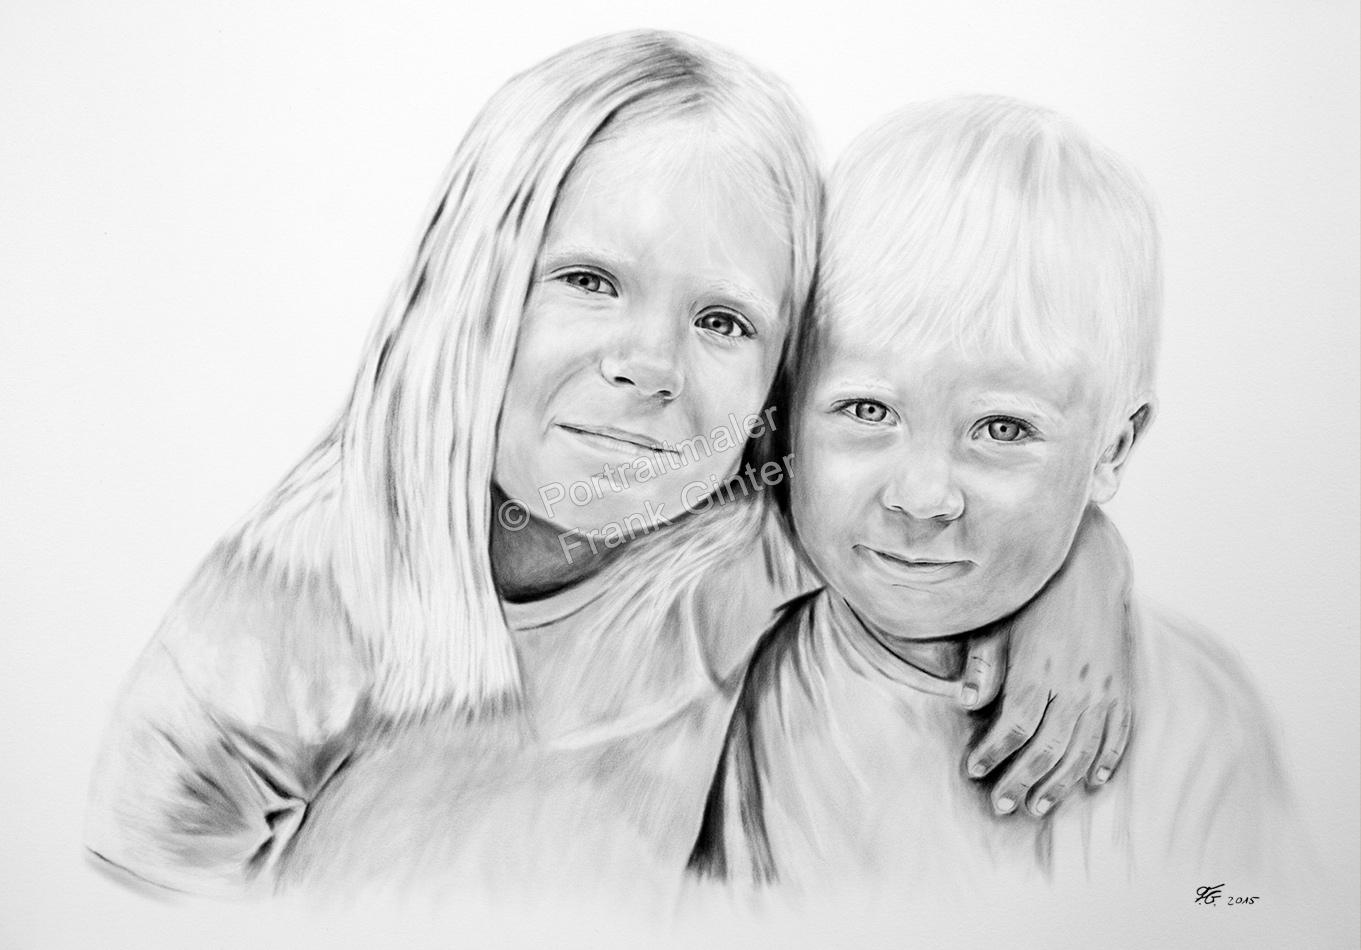 Oelgemaelde, Dry Brush Technik Portraitgemälde Kinder, Junge und Mädchen, Ölbild-Trockenpinseltechnik